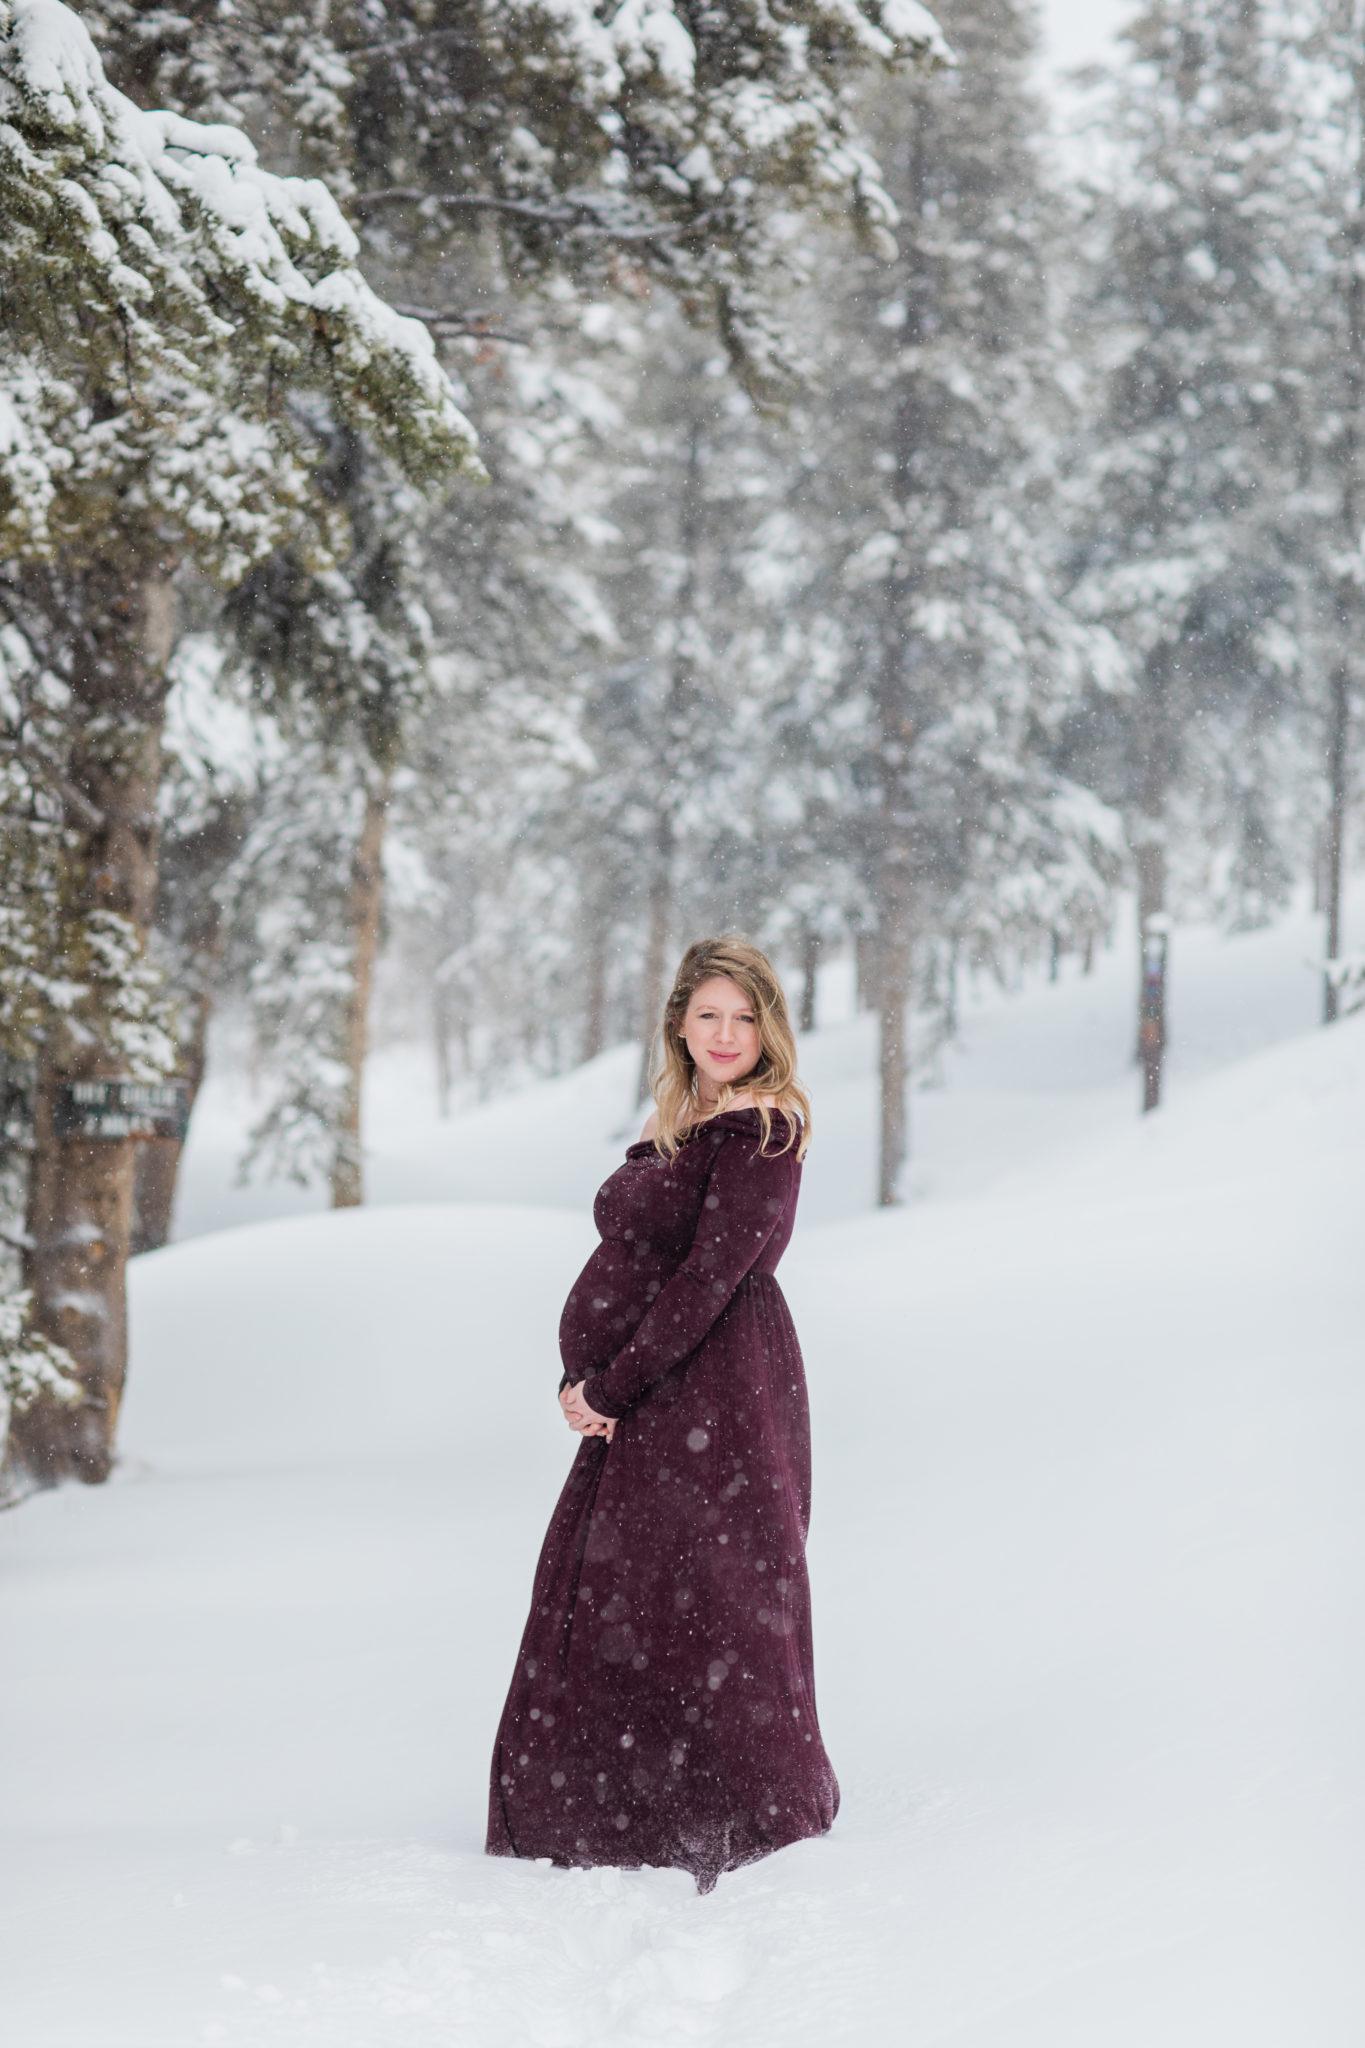 Andrea Stark Photography Maternity Session Winter Snow Breckenridge Colorado